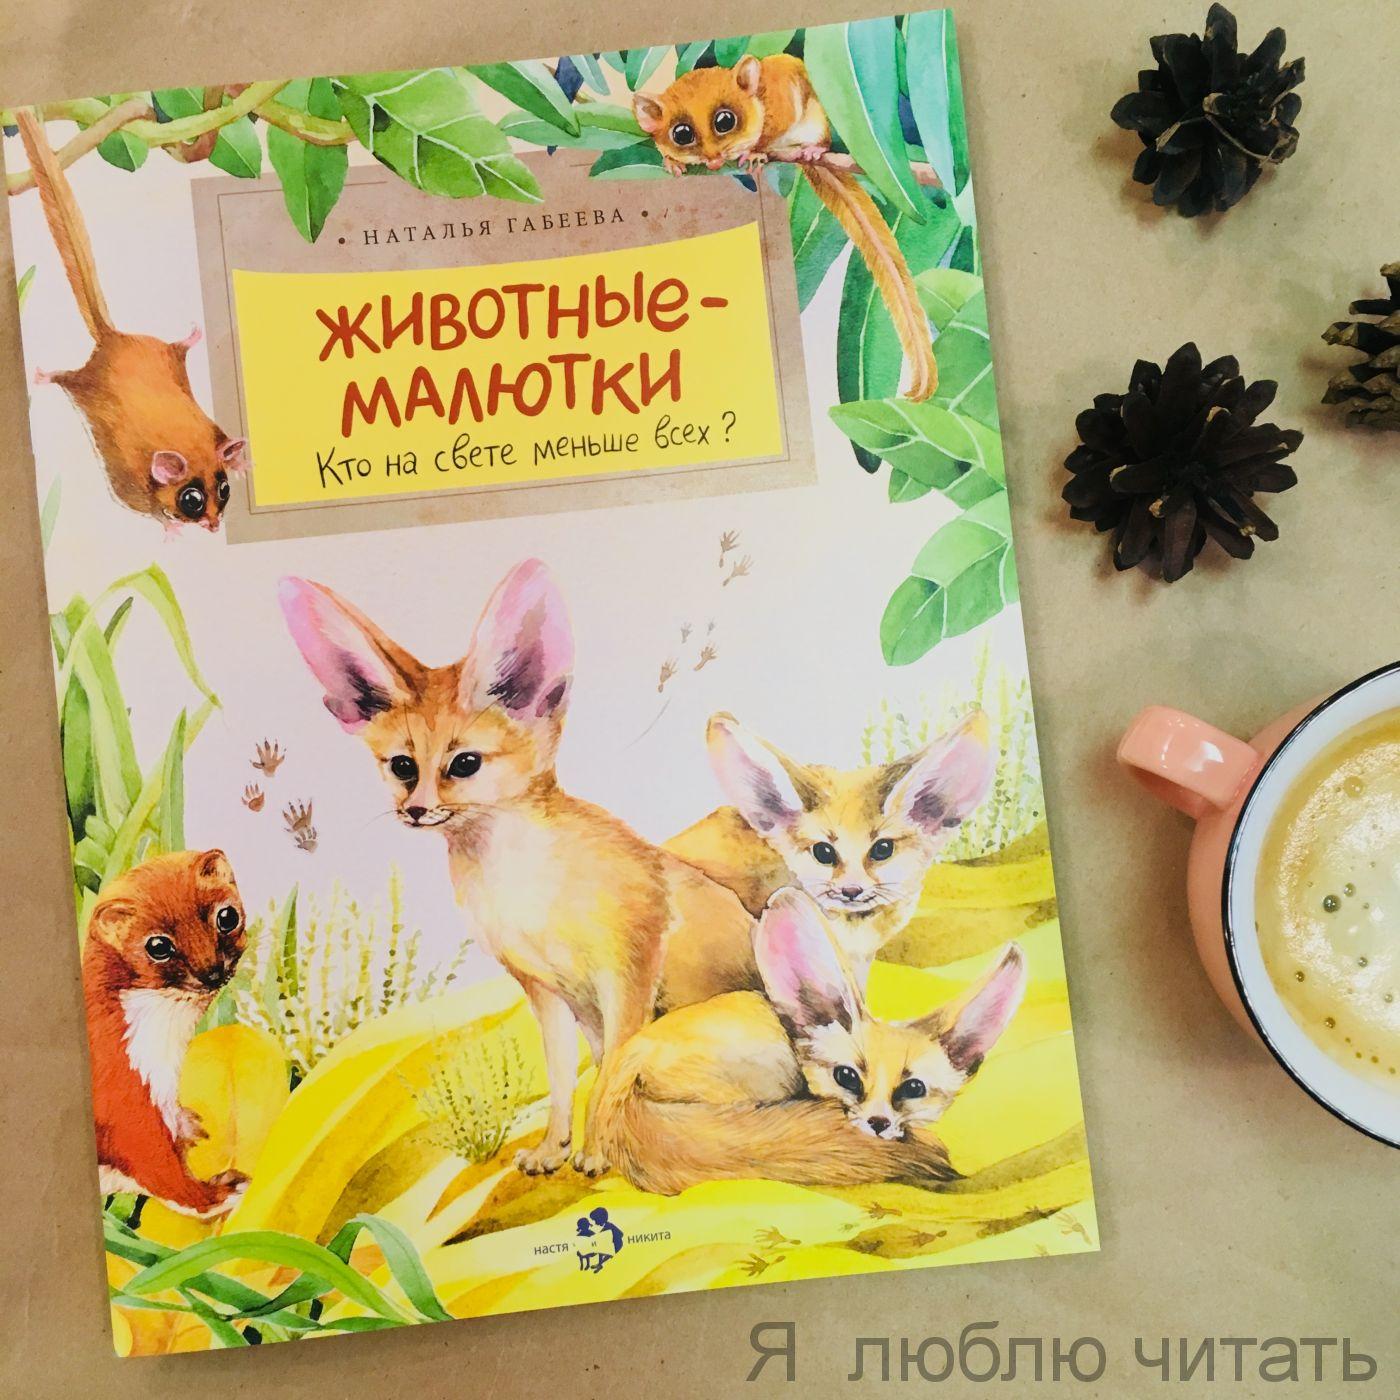 Книга «Животные-малютки»